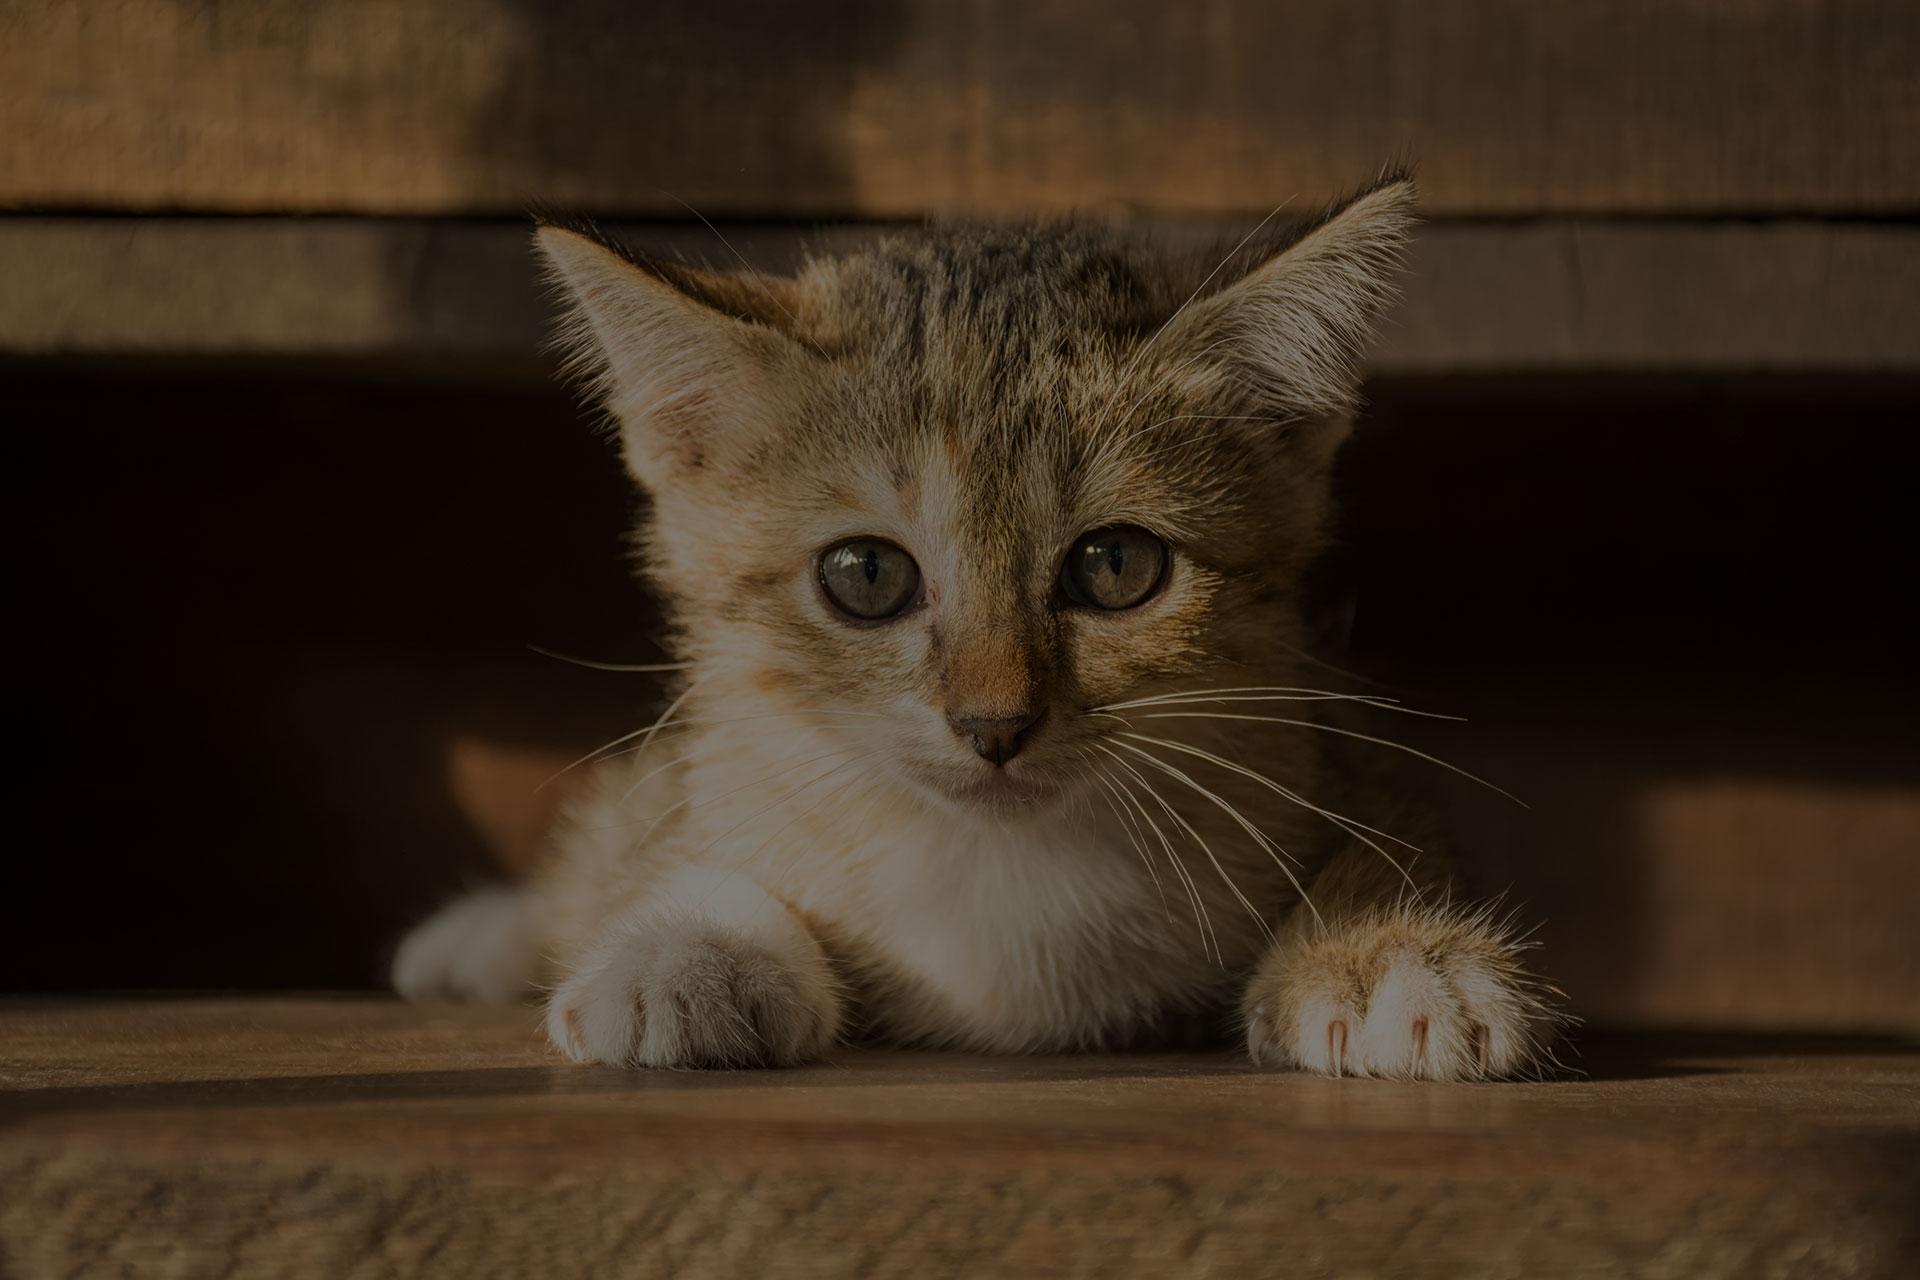 the cute cat in morning,cute cat alone , cat sad,Kitten,cat